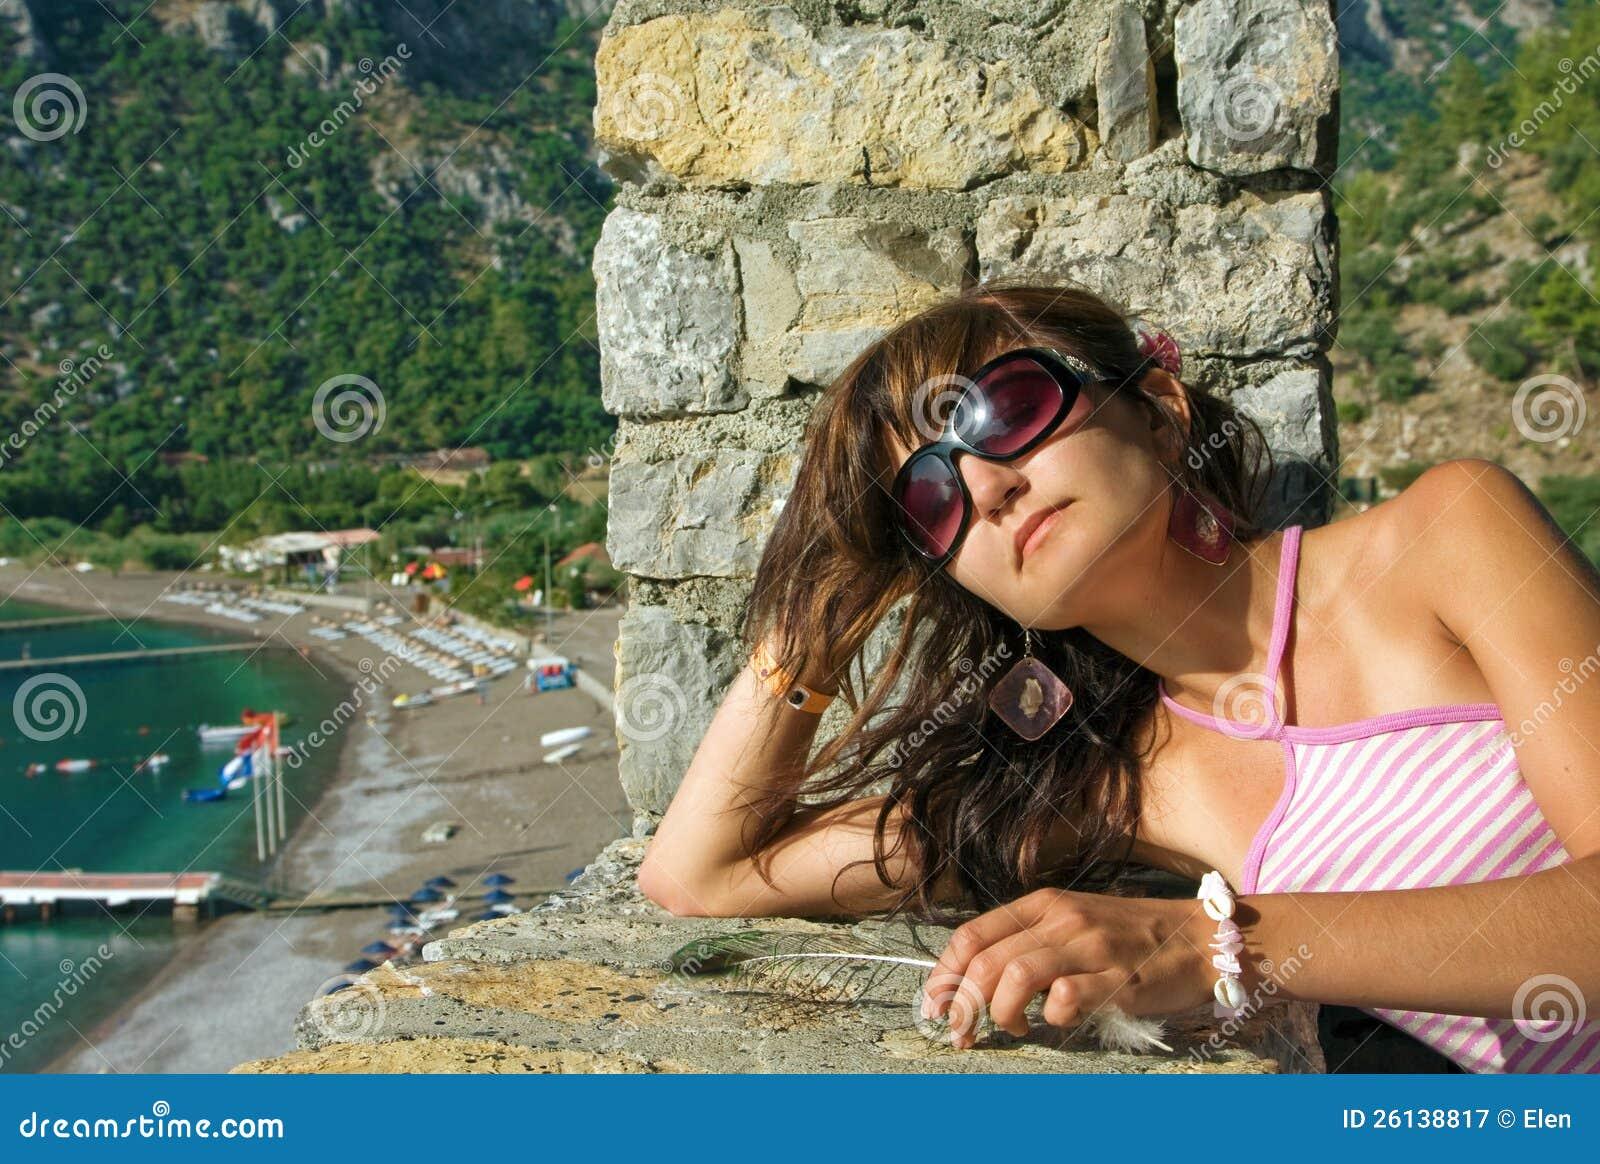 Фото русских девушек в турции 21 фотография